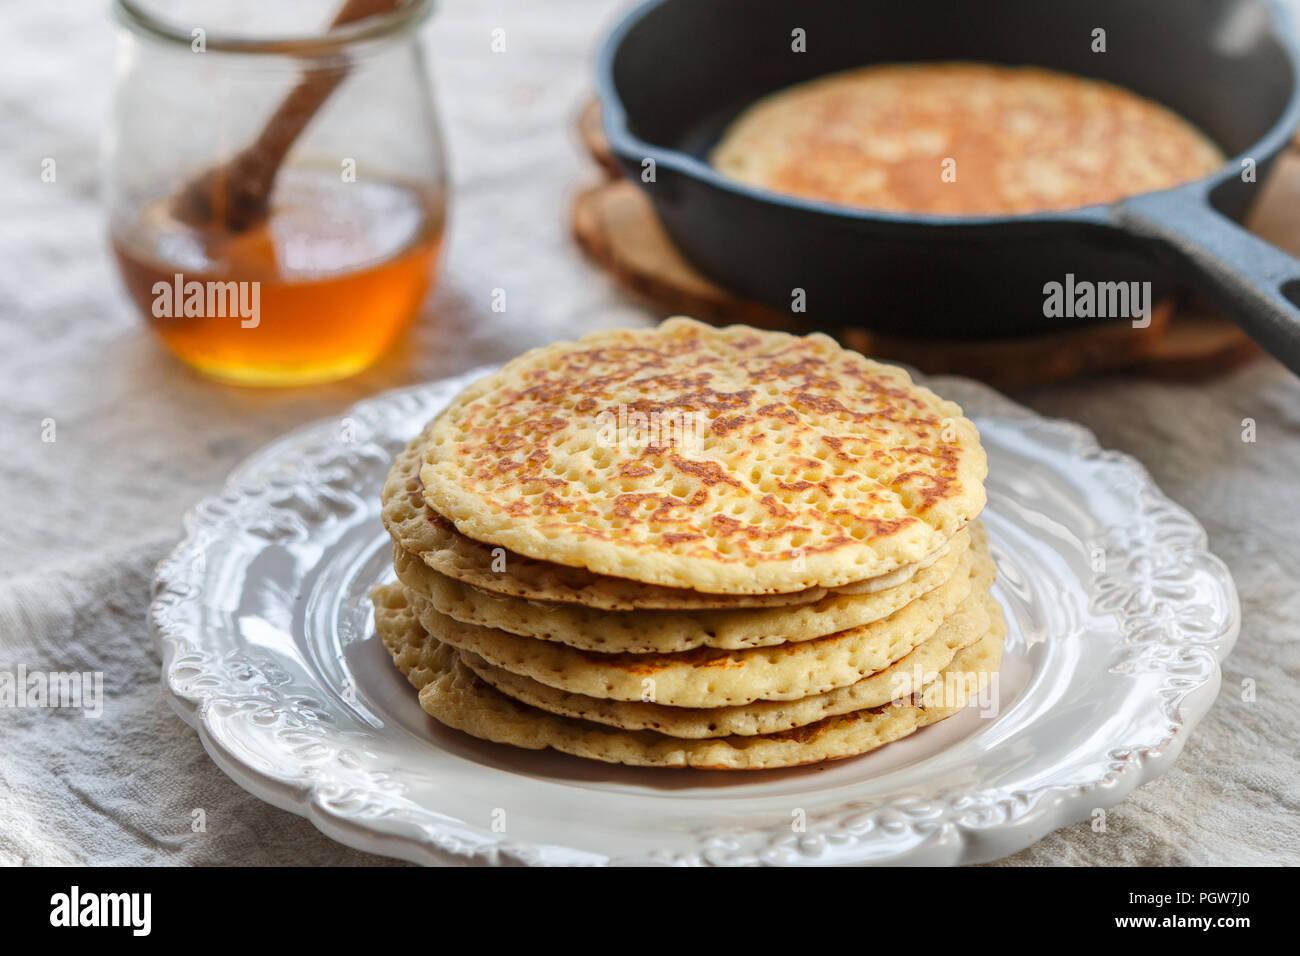 Deliziosi dolci American frittelle con miele su una piastra bianca. La prima colazione è gourmet. Messa a fuoco selettiva Immagini Stock